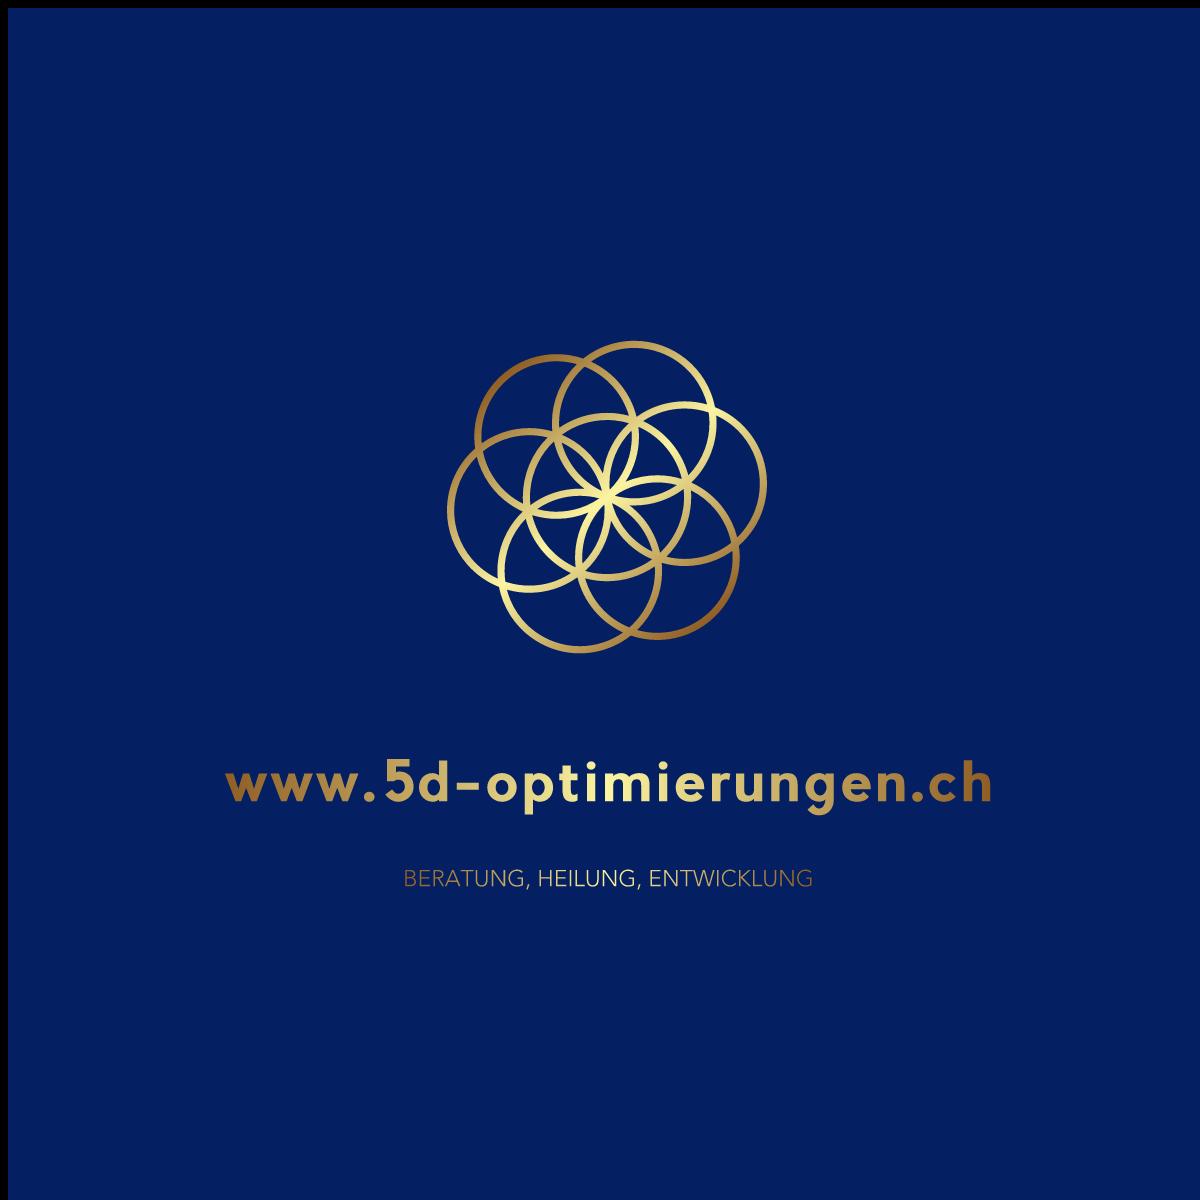 5d optimierungen Logo